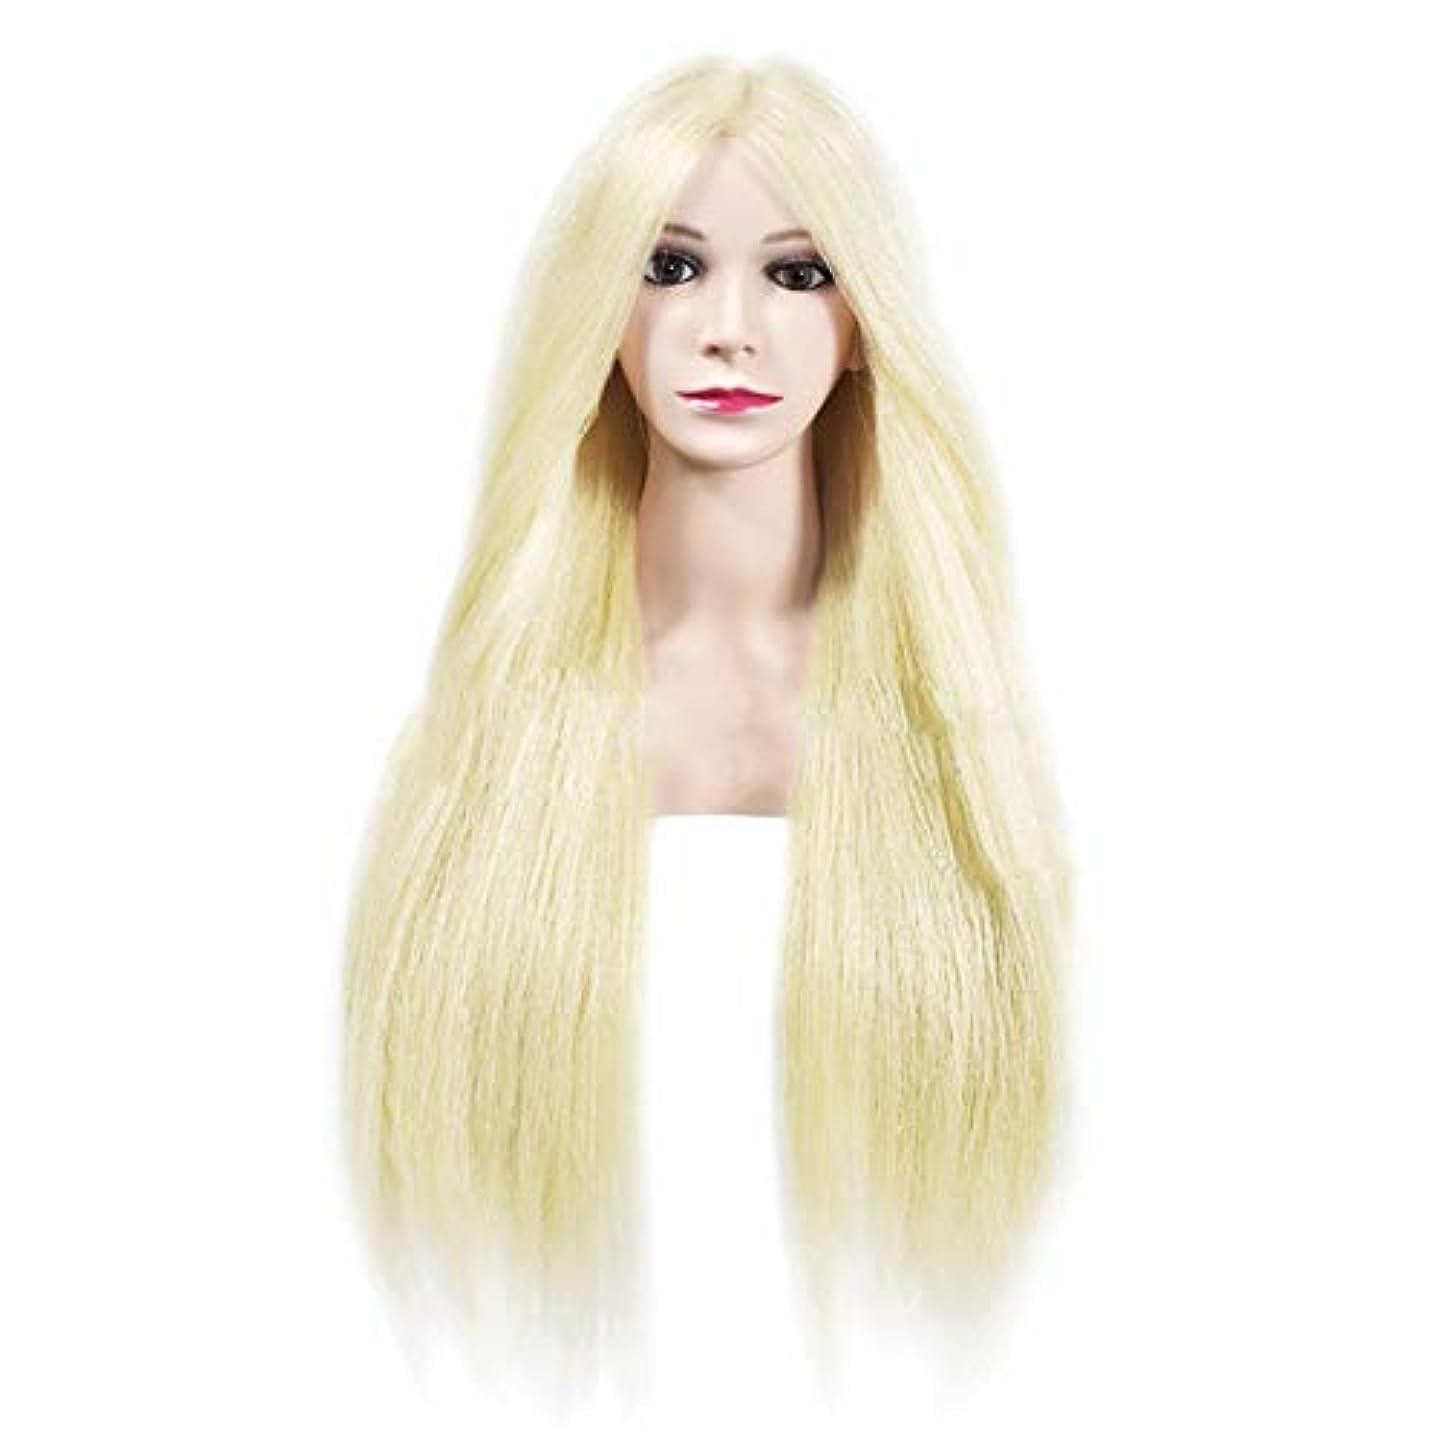 三番アッティカス発行専門の練習ホット染色漂白はさみモデリングマネキン髪編組髪かつら女性モデルティーチングヘッド